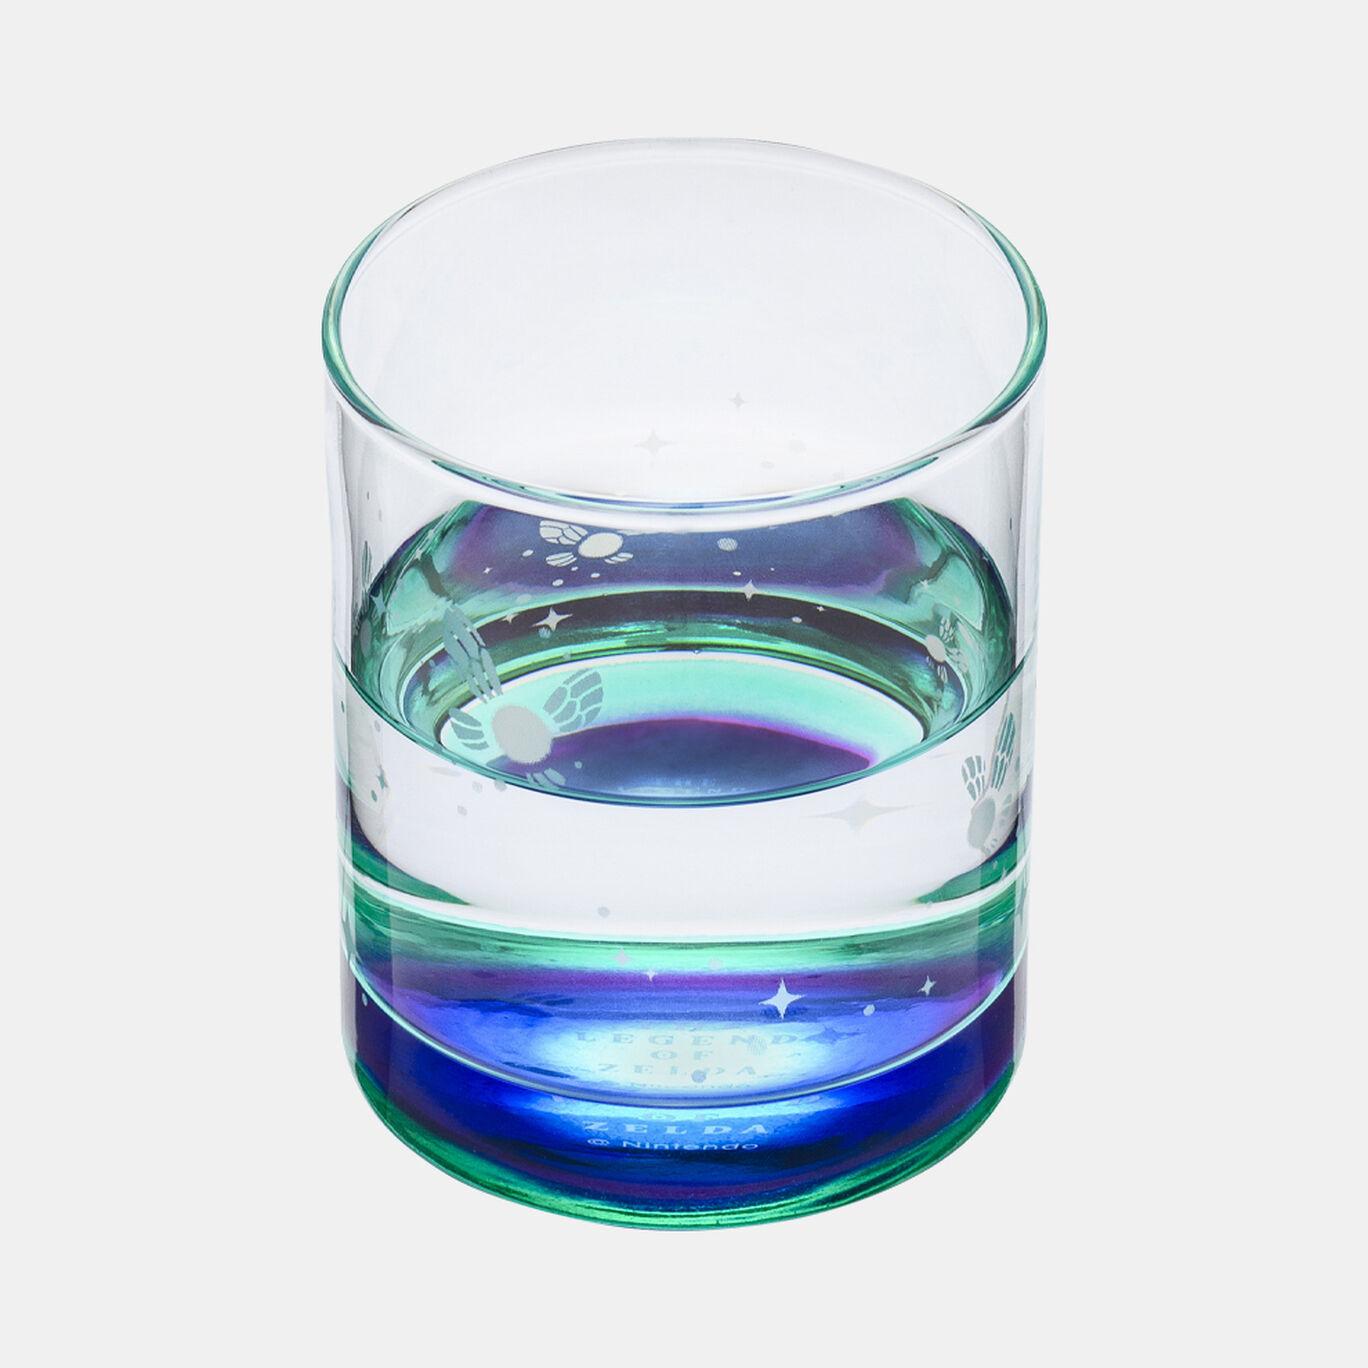 【新商品】グラス 妖精の泉 ゼルダの伝説【Nintendo TOKYO取り扱い商品】